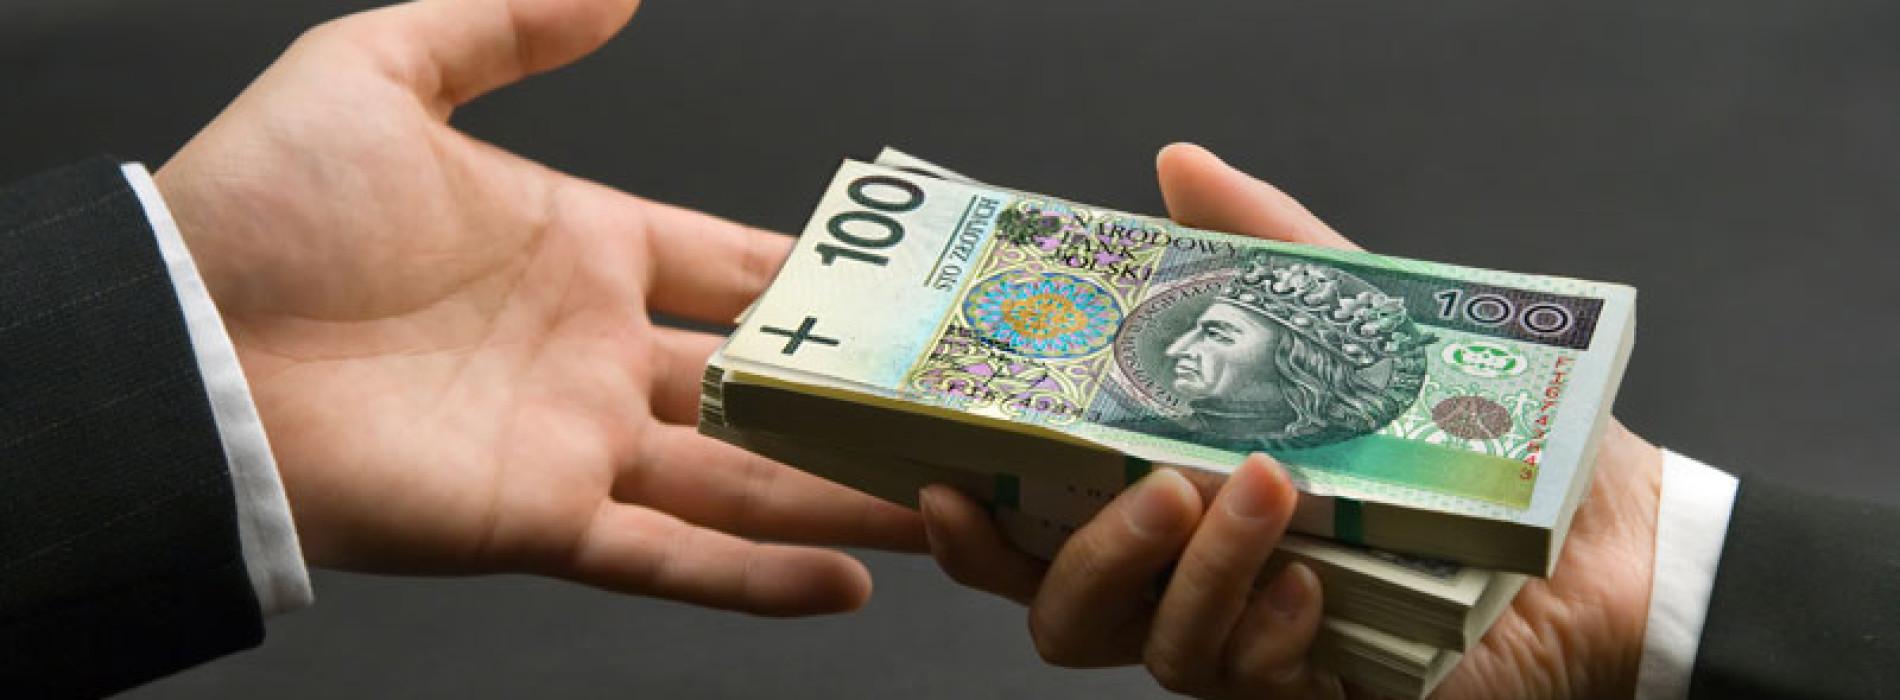 Łatwiej o kredyt konsumencki